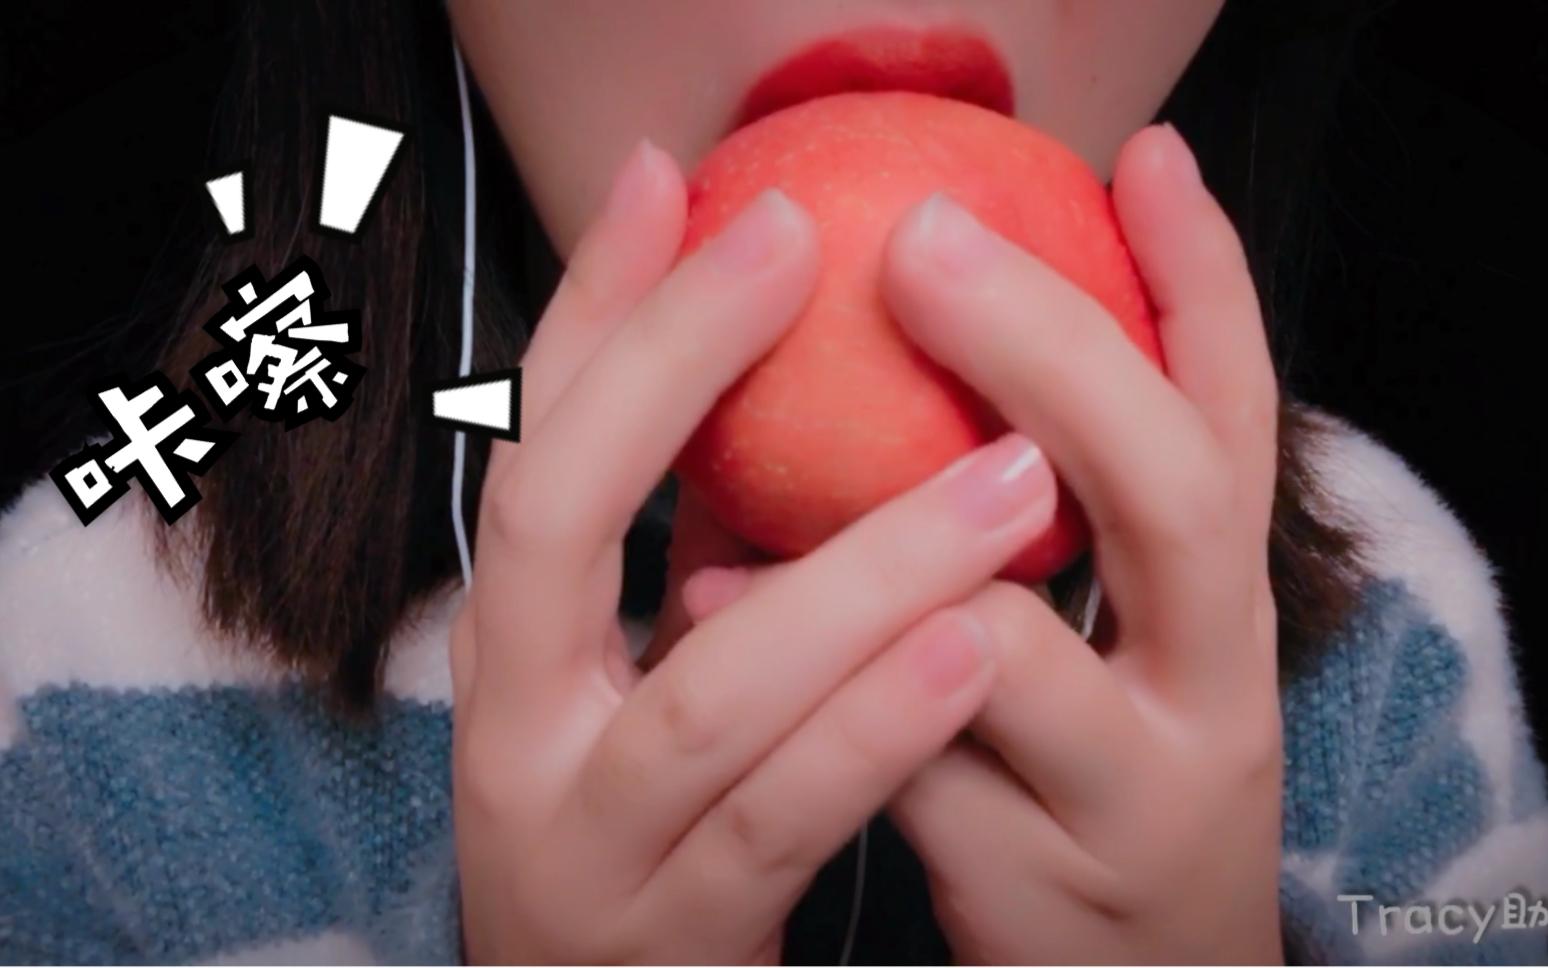 【Tracy咀嚼音】吸吸冻+海苔+苹果(黏黏糊糊口月空音)